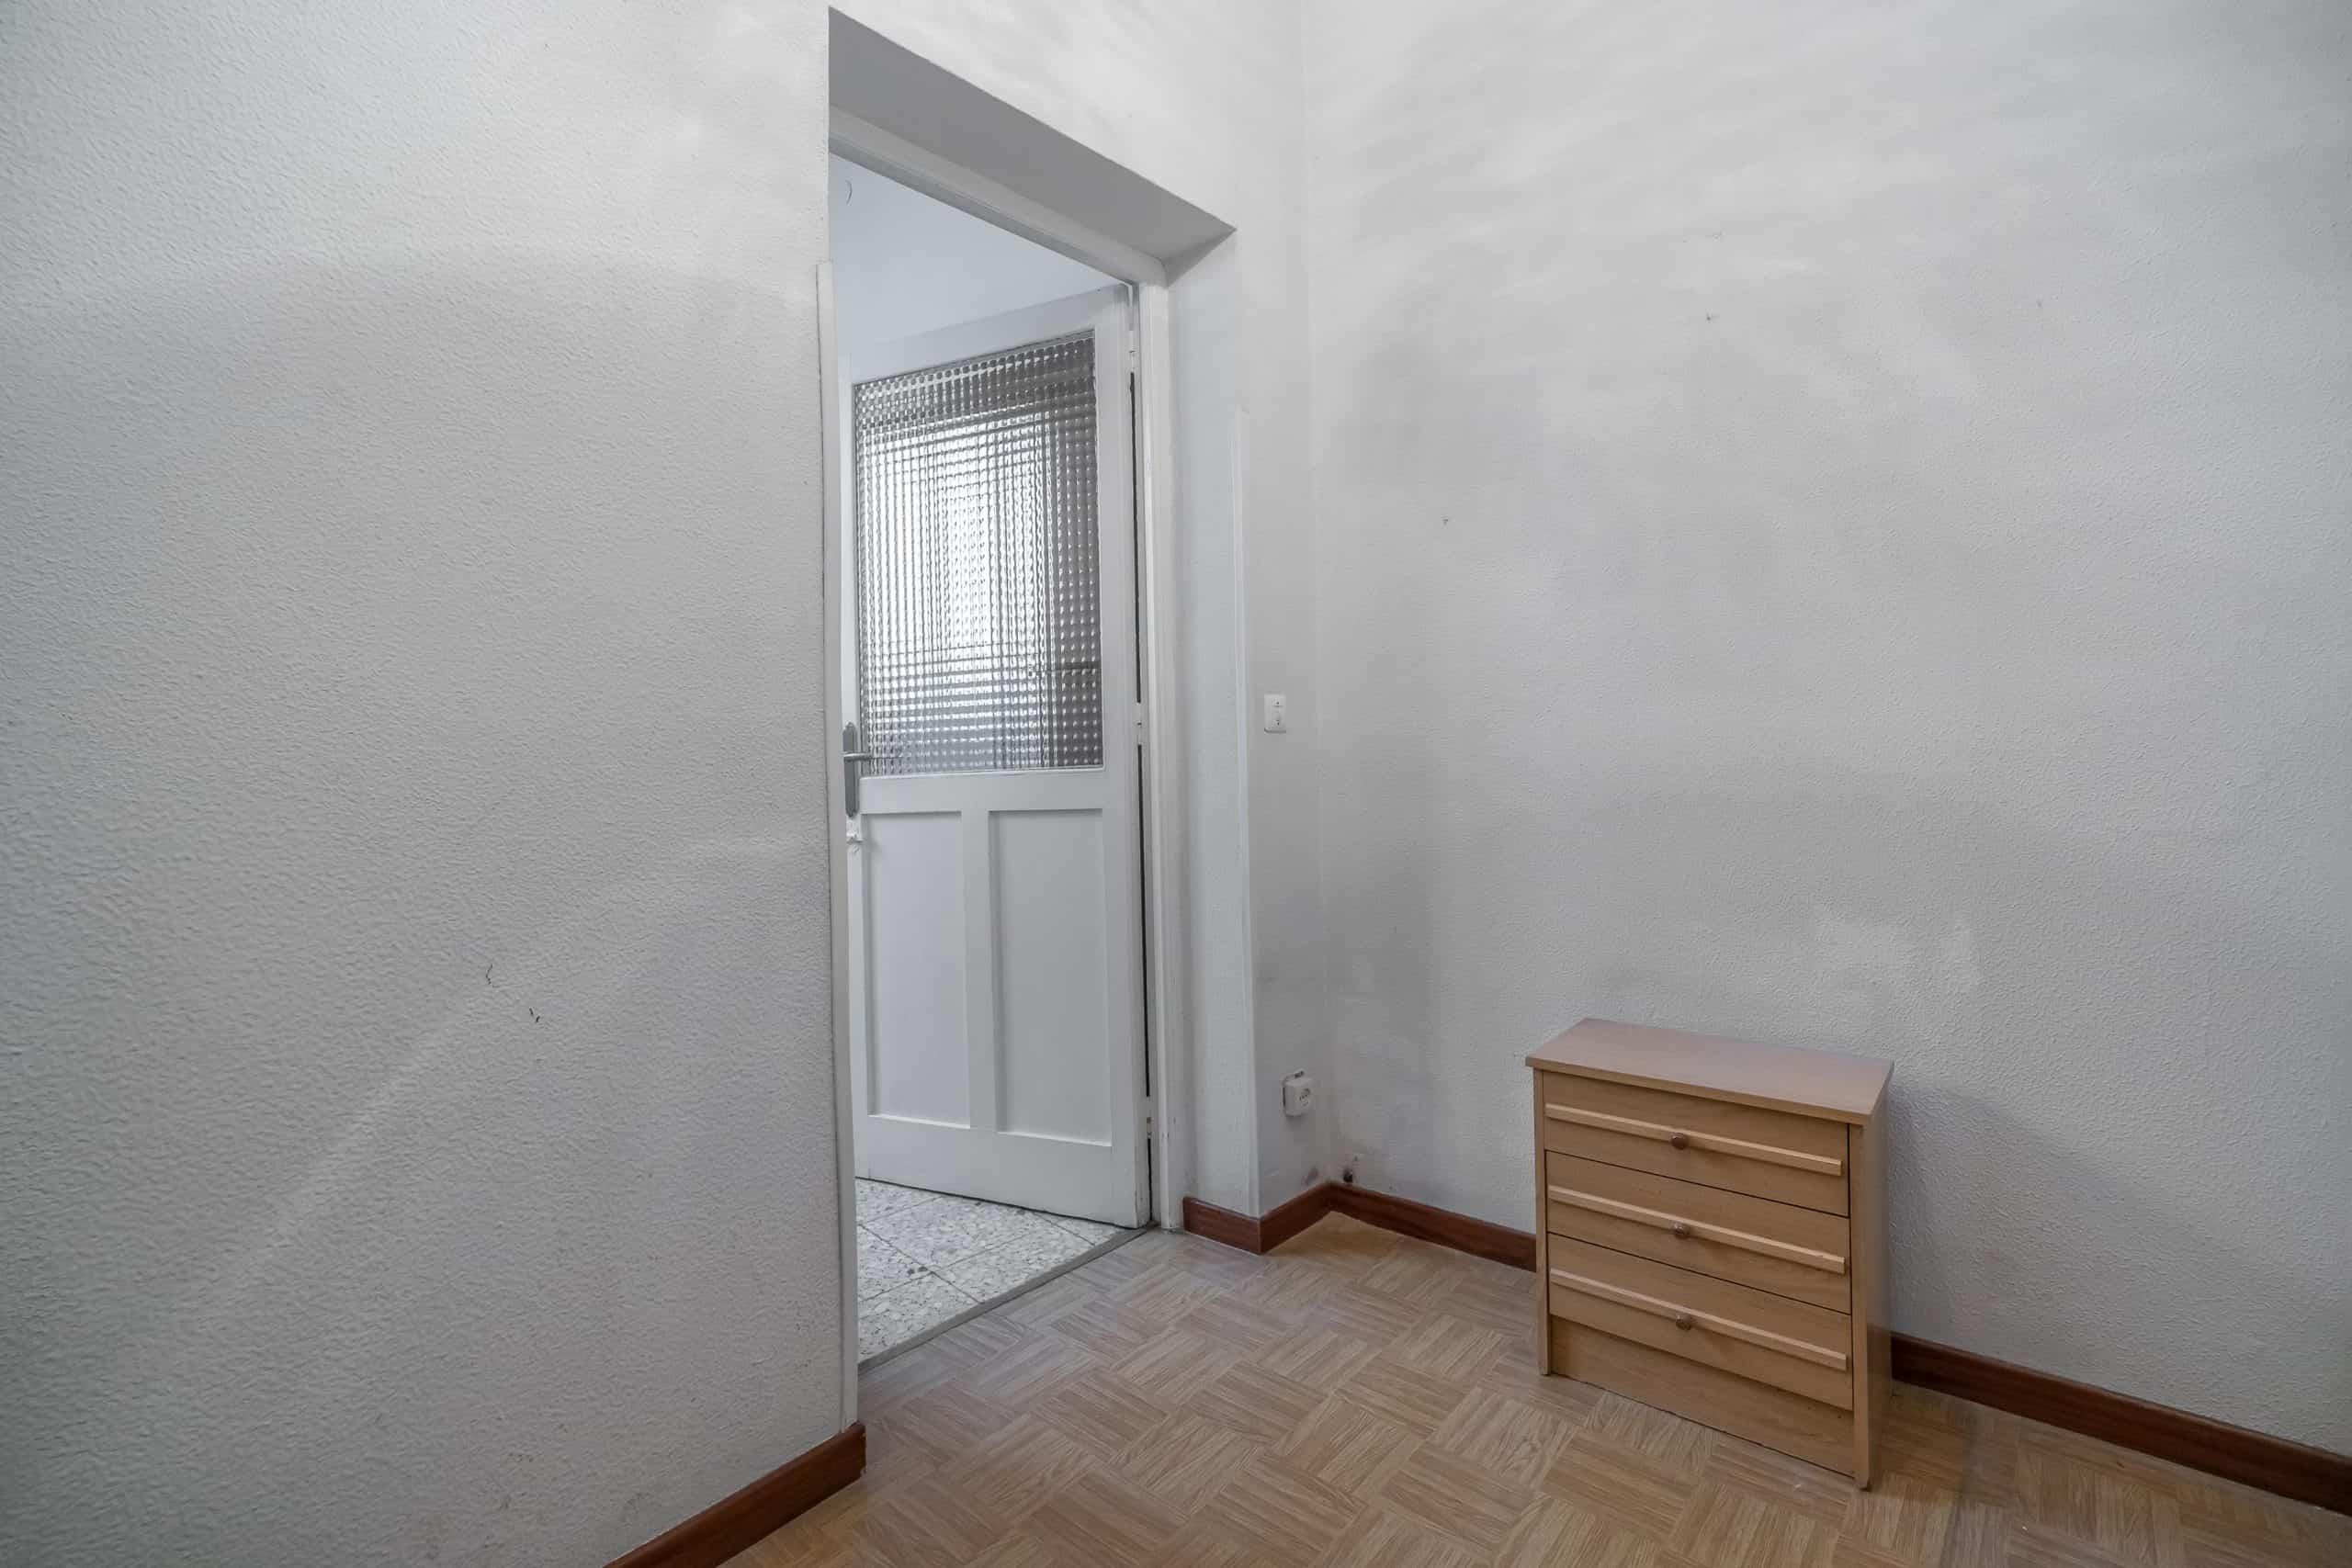 Agencia Inmobiliaria de Madrid-FUTUROCASA-Zona ARGANZUELA-EMBAJADORES-LEGAZPI -plaza General Vara del Rey- dormitorio 1.jpg